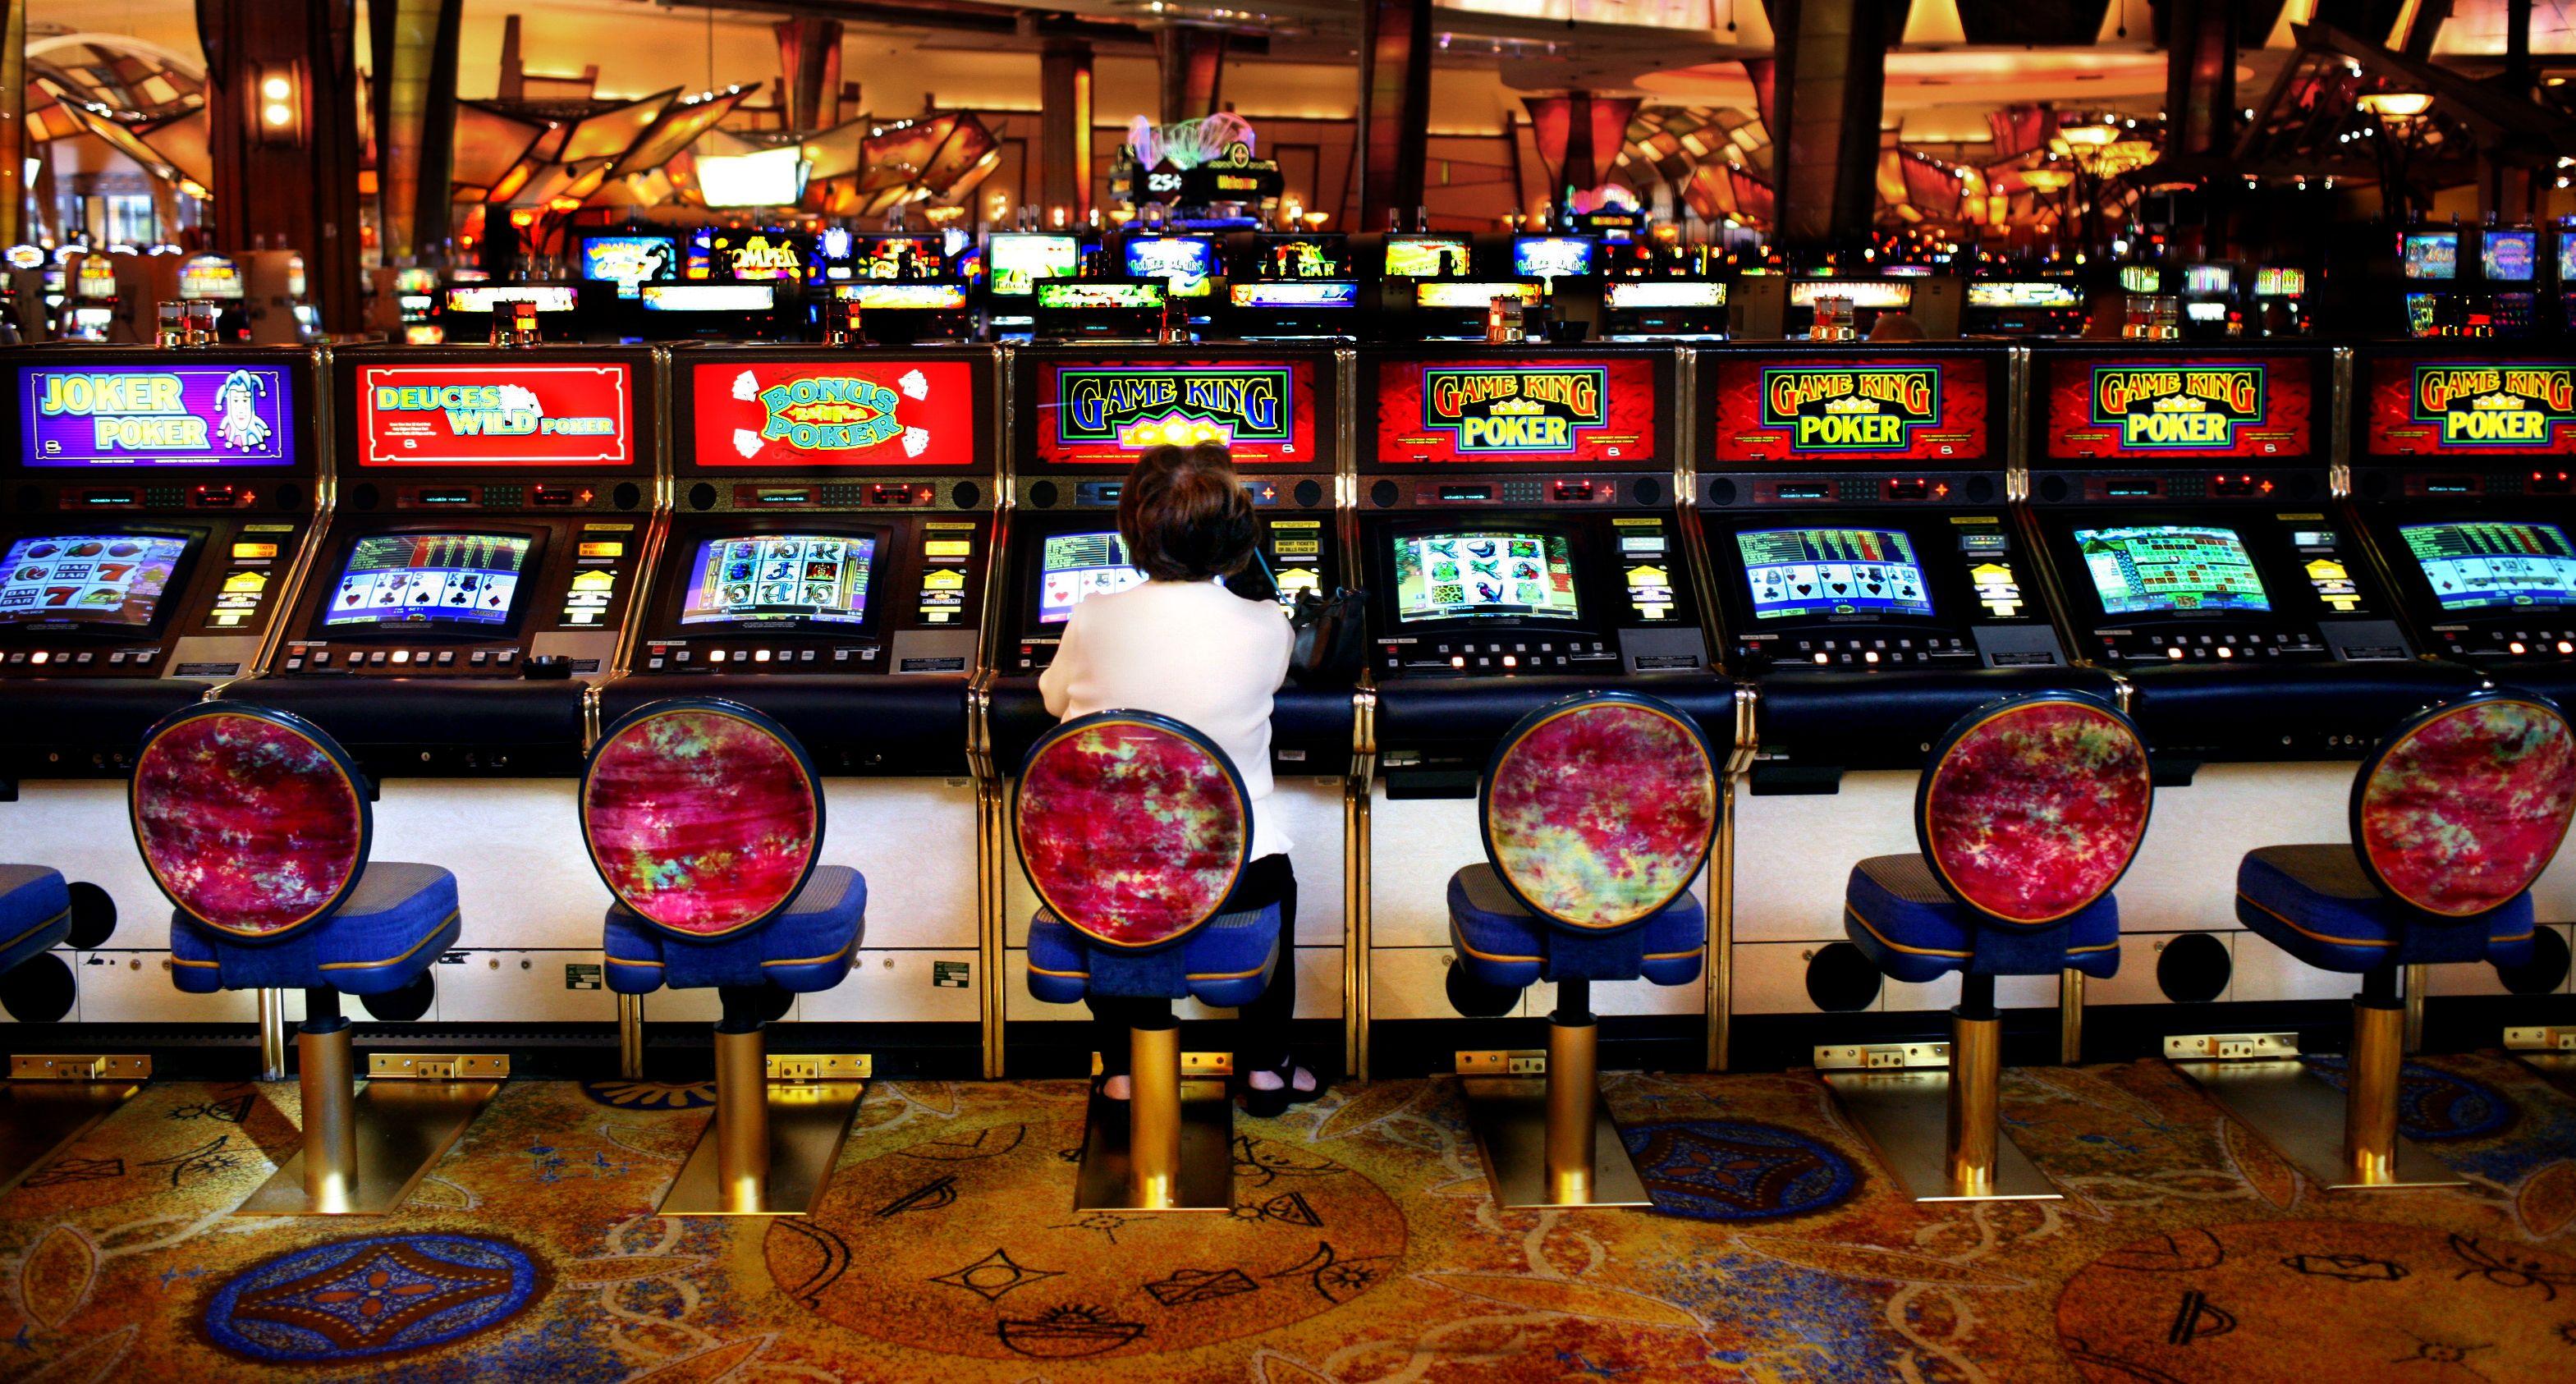 Онлайн казино Магнит предлагает огромное количество игровых автоматов категории Слоты.Здесь имеются модели от Супероматик, Outcome Games, Greentube, Infinity Games, Hit Games, NetEnt, Wazdan, Microgaming, Аматик, Playson, Apollo.